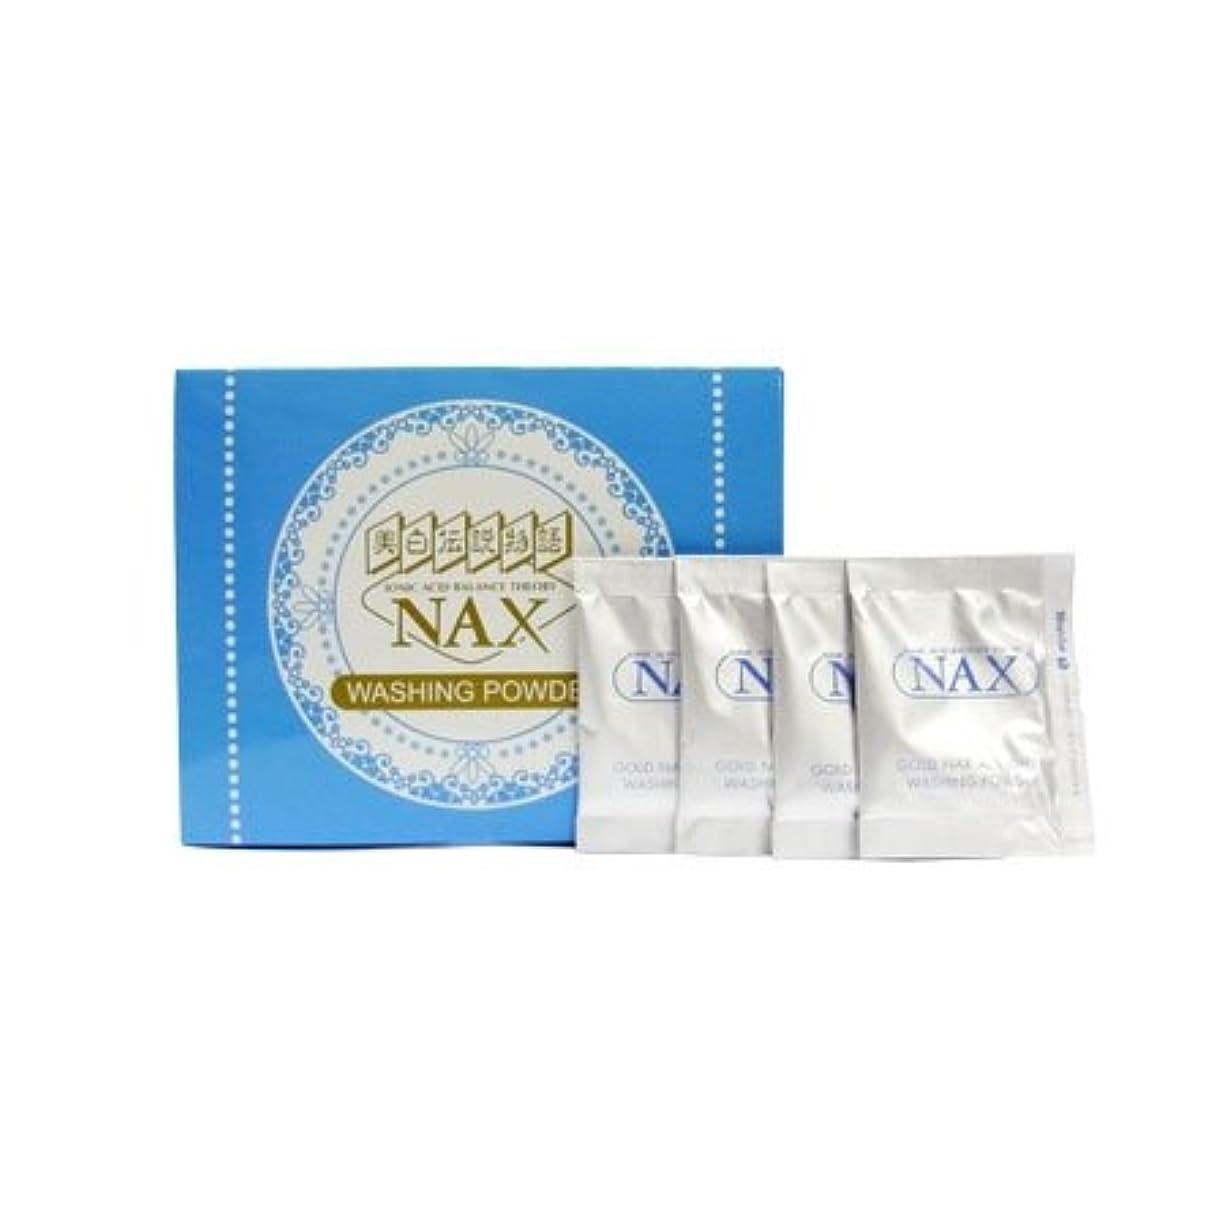 なに断言する教室ゴールドコスメ NAXウォッシングパウダー 洗顔料 超敏感肌用 1.2g×90包